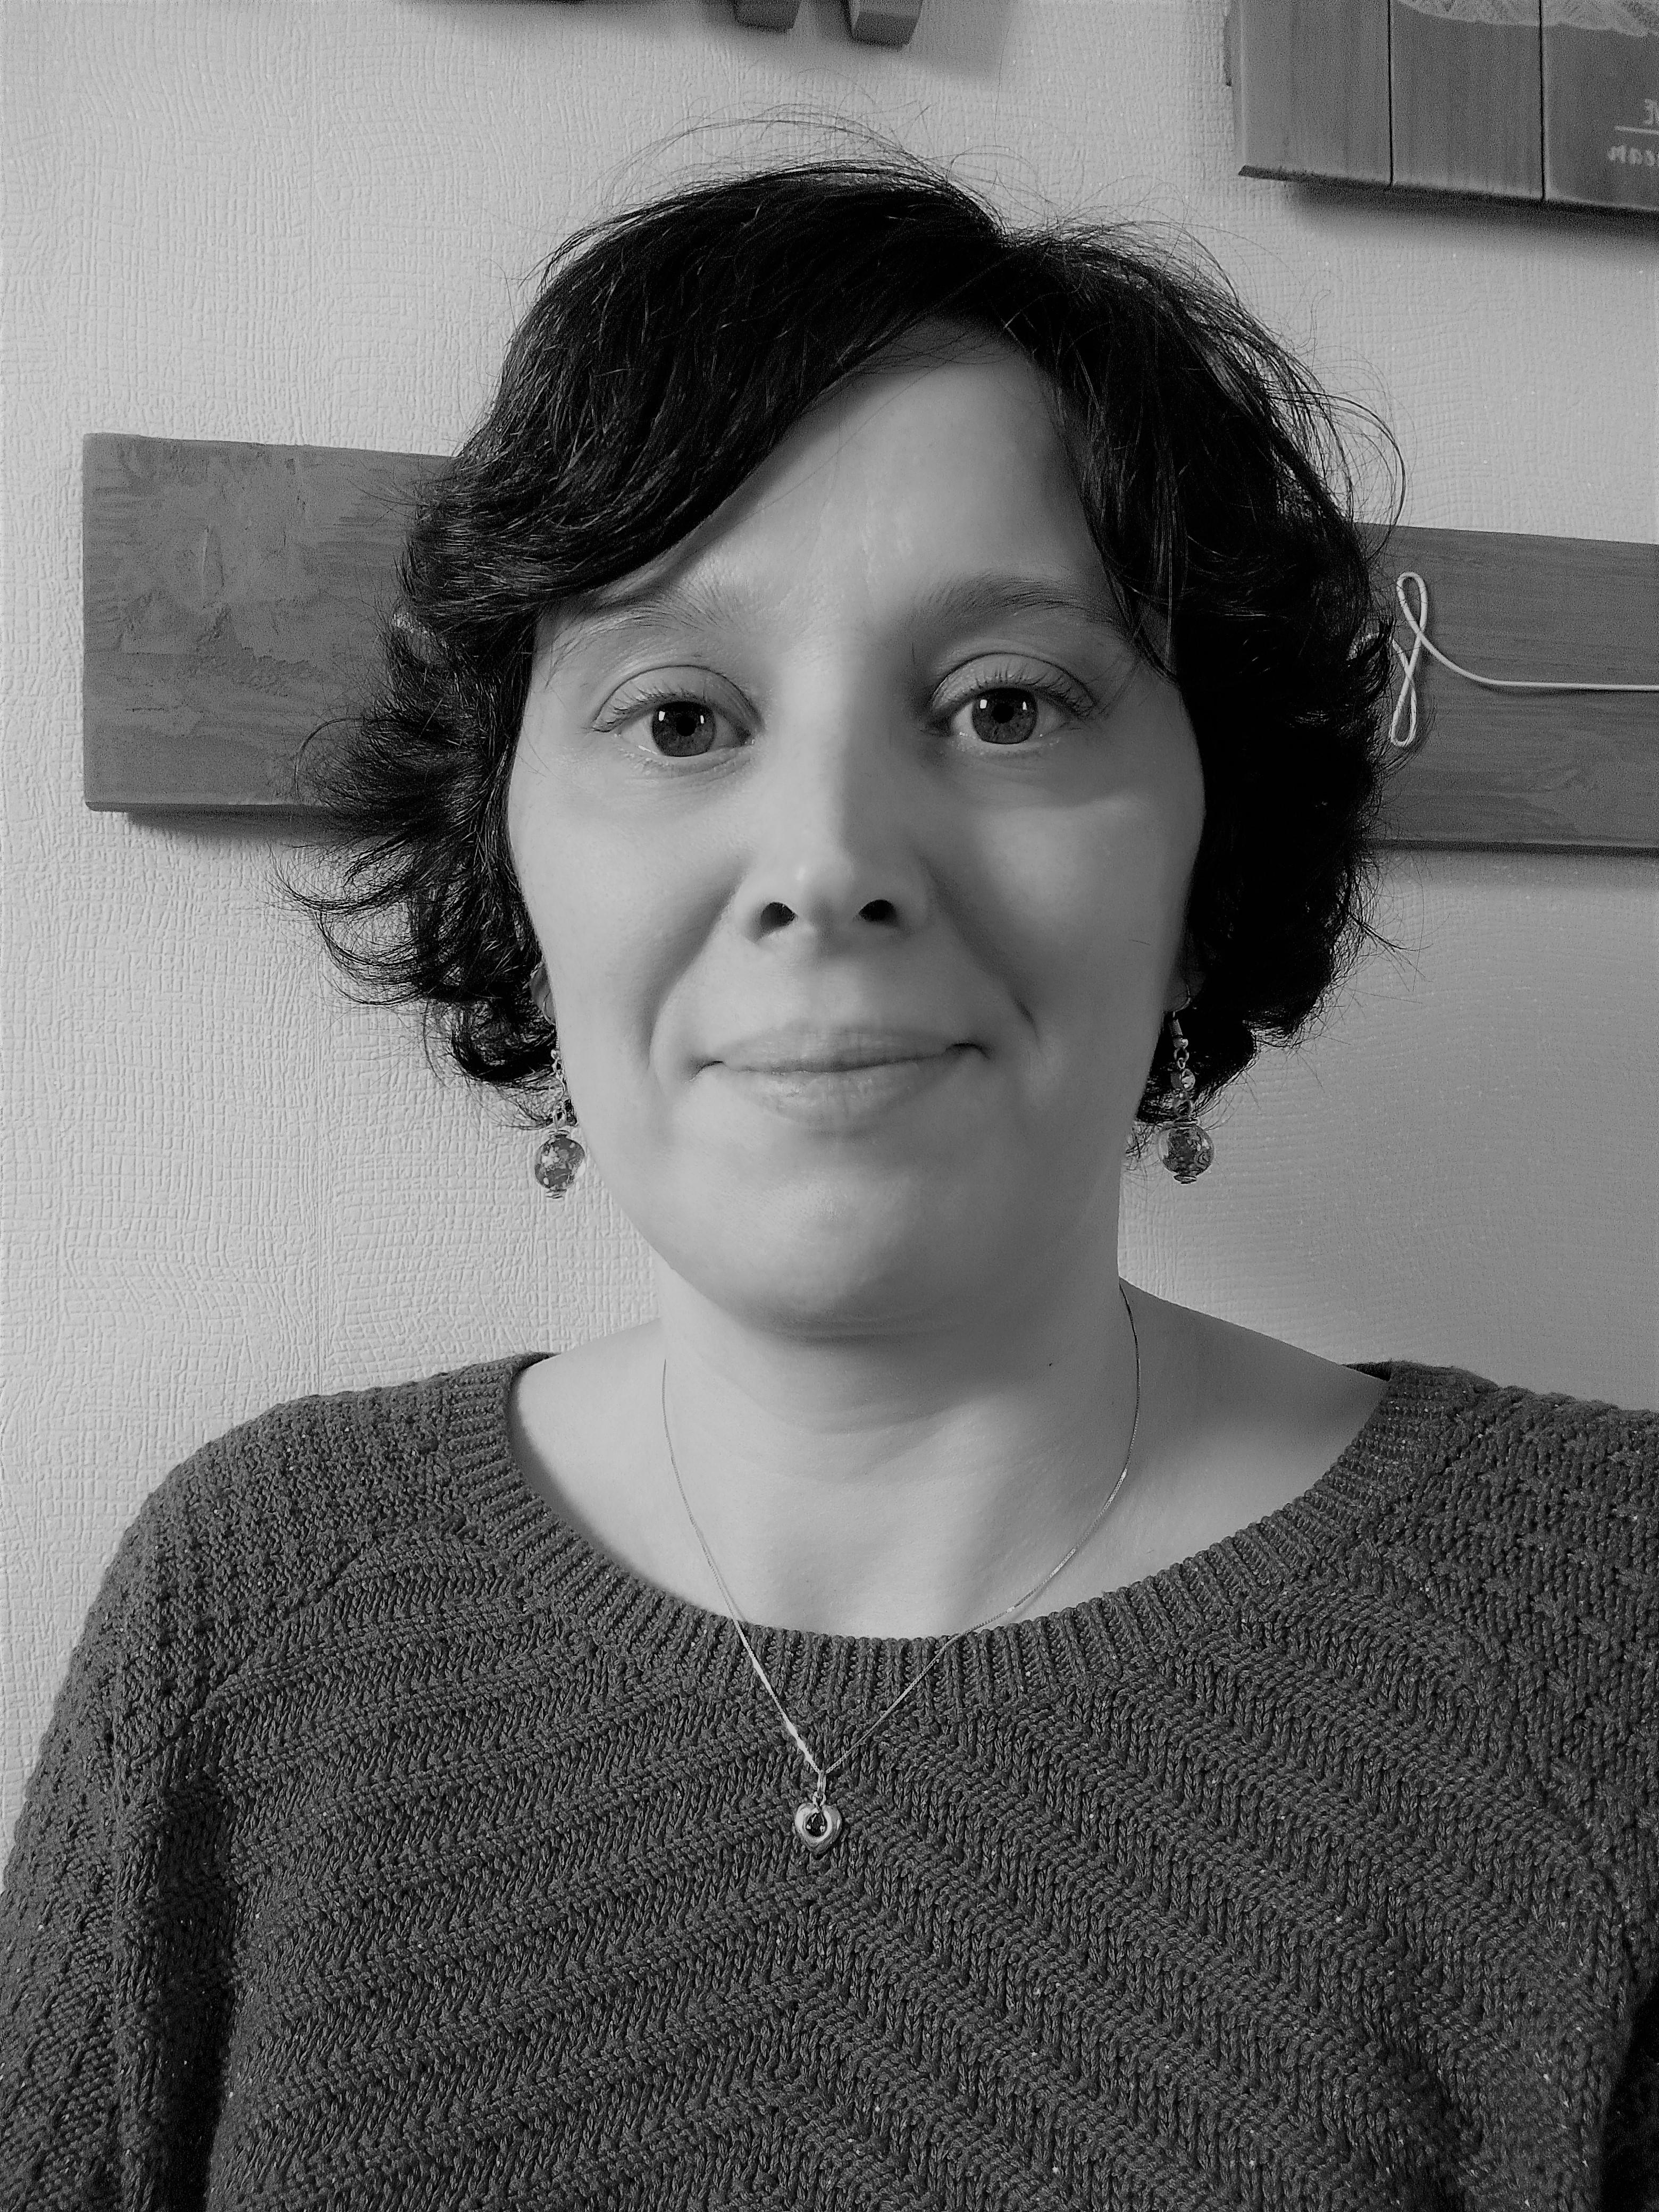 présentation de Chantal BIZON, micro entrepreneur de bureau connecté, un service de télésecrétariat à Val de Reuil